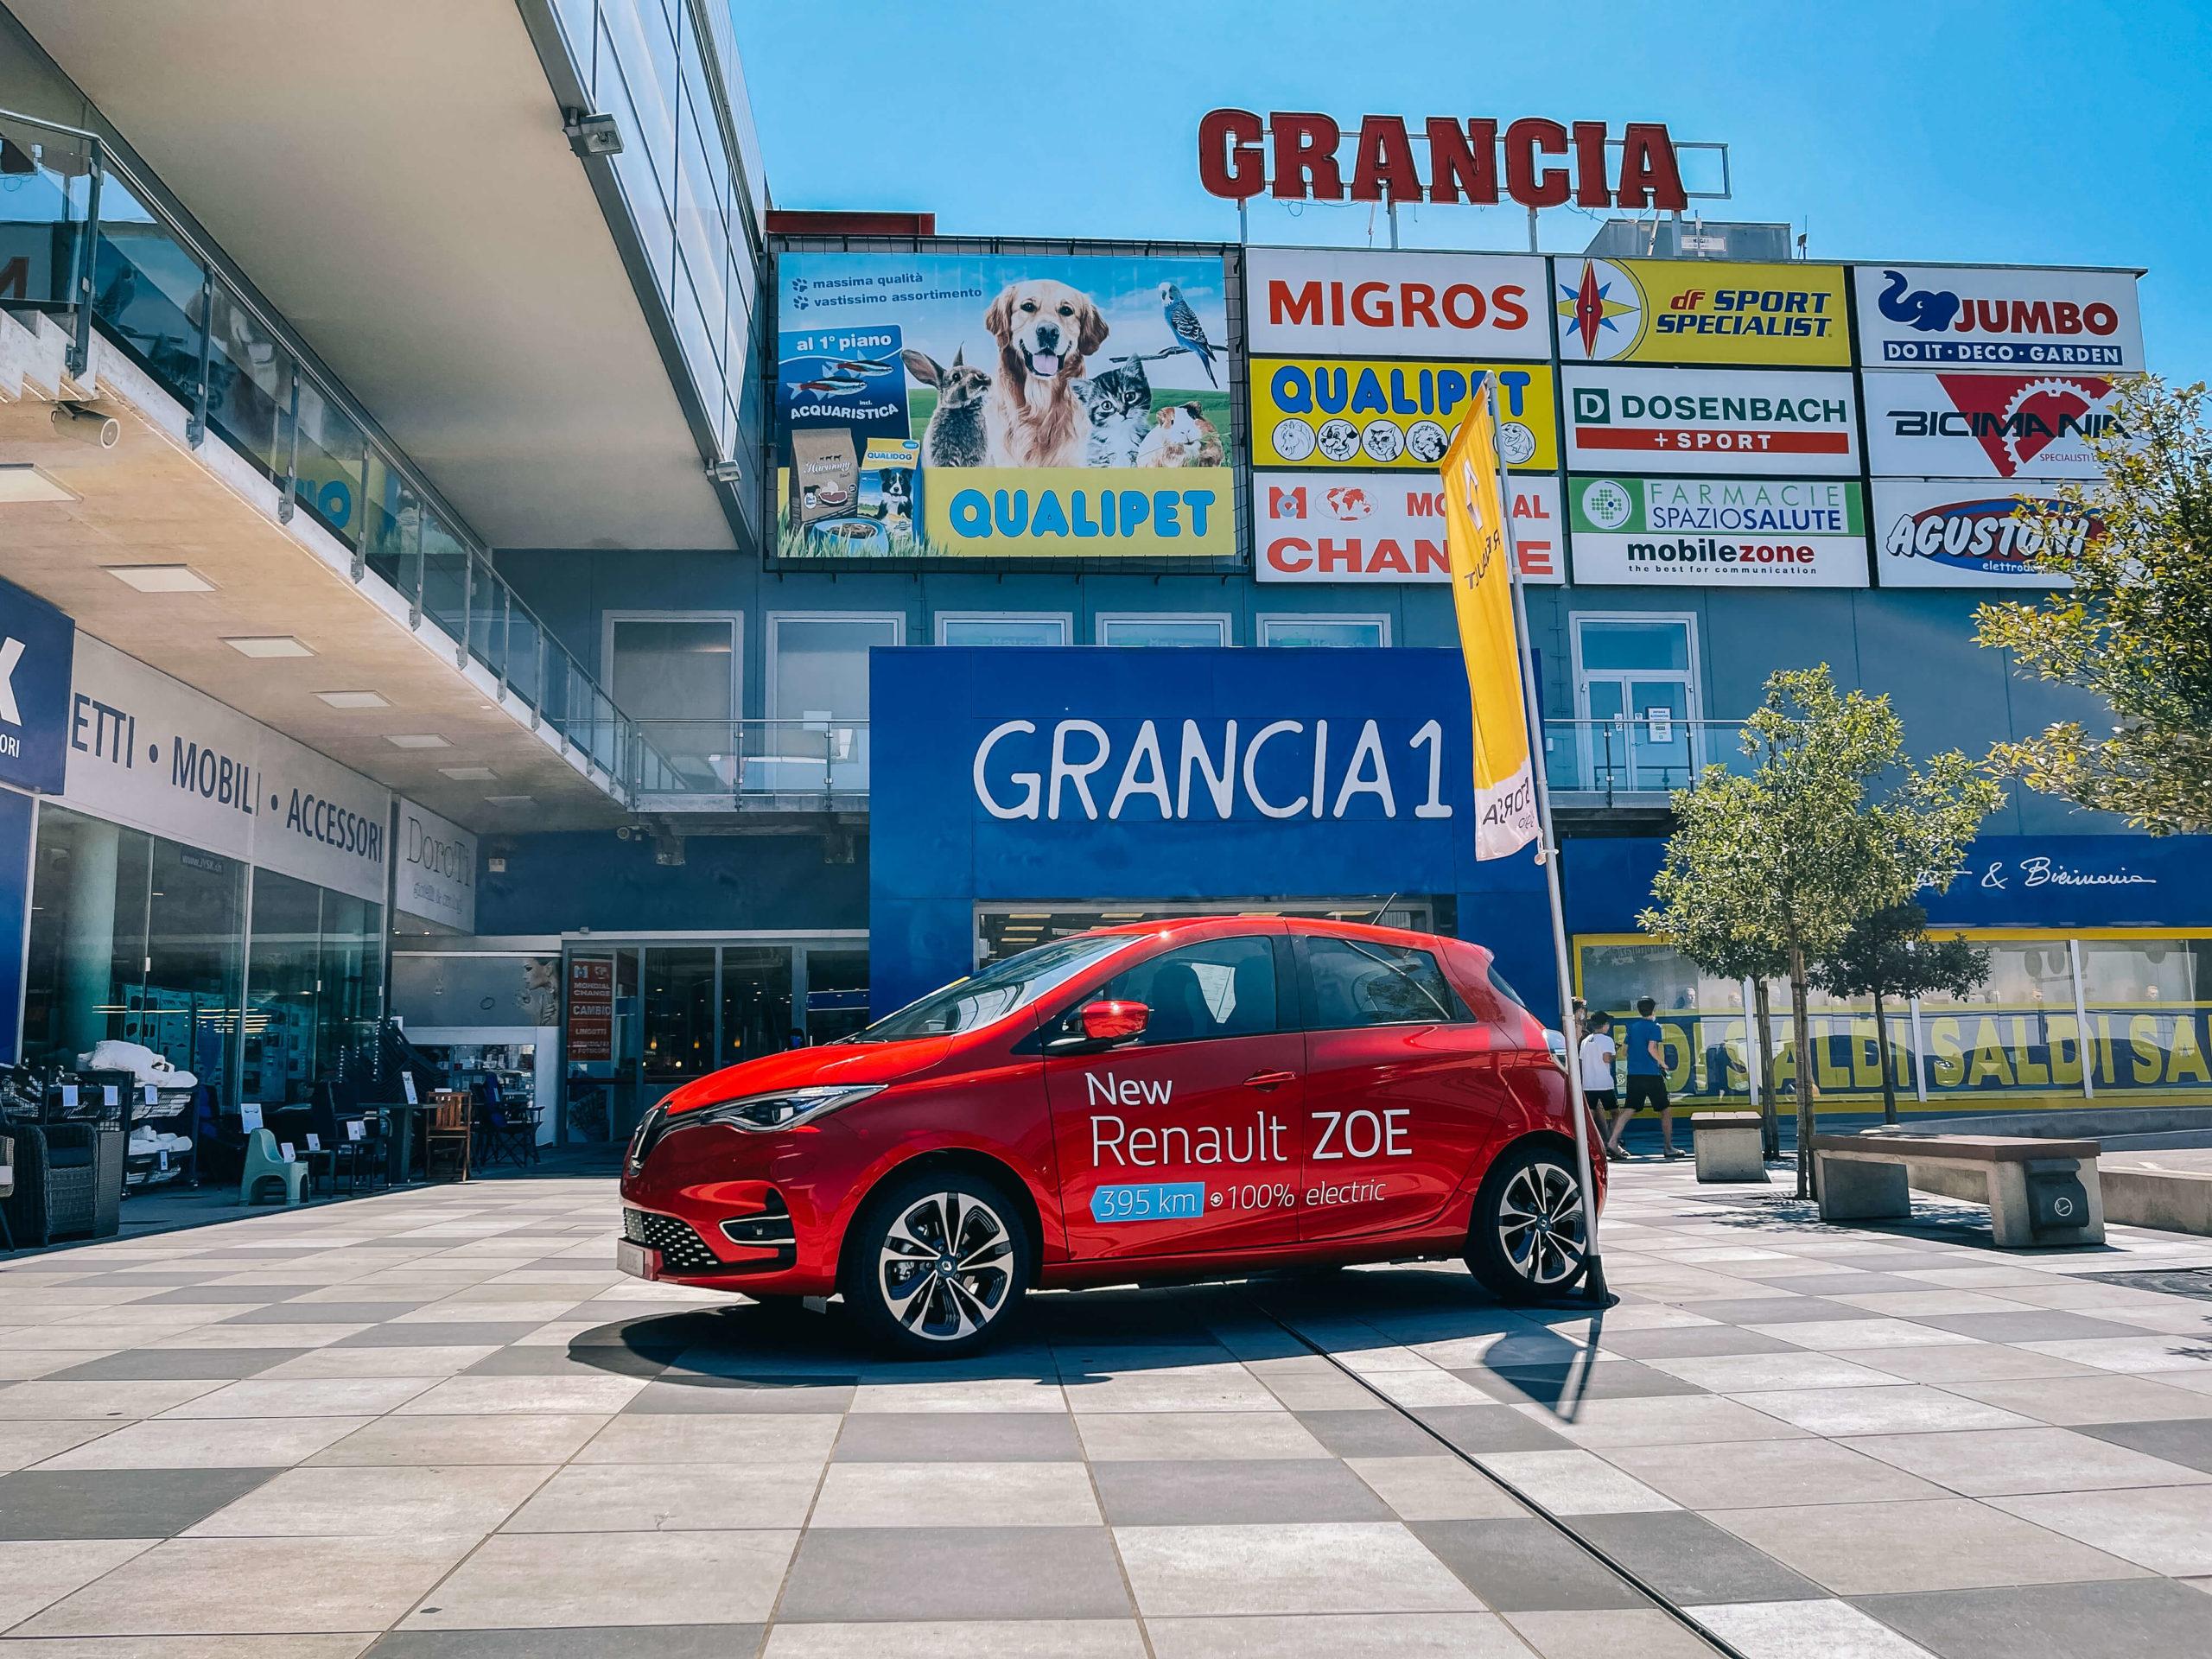 Renault ZOE E-TECH Elettrica Grancia Lugano Bioggio